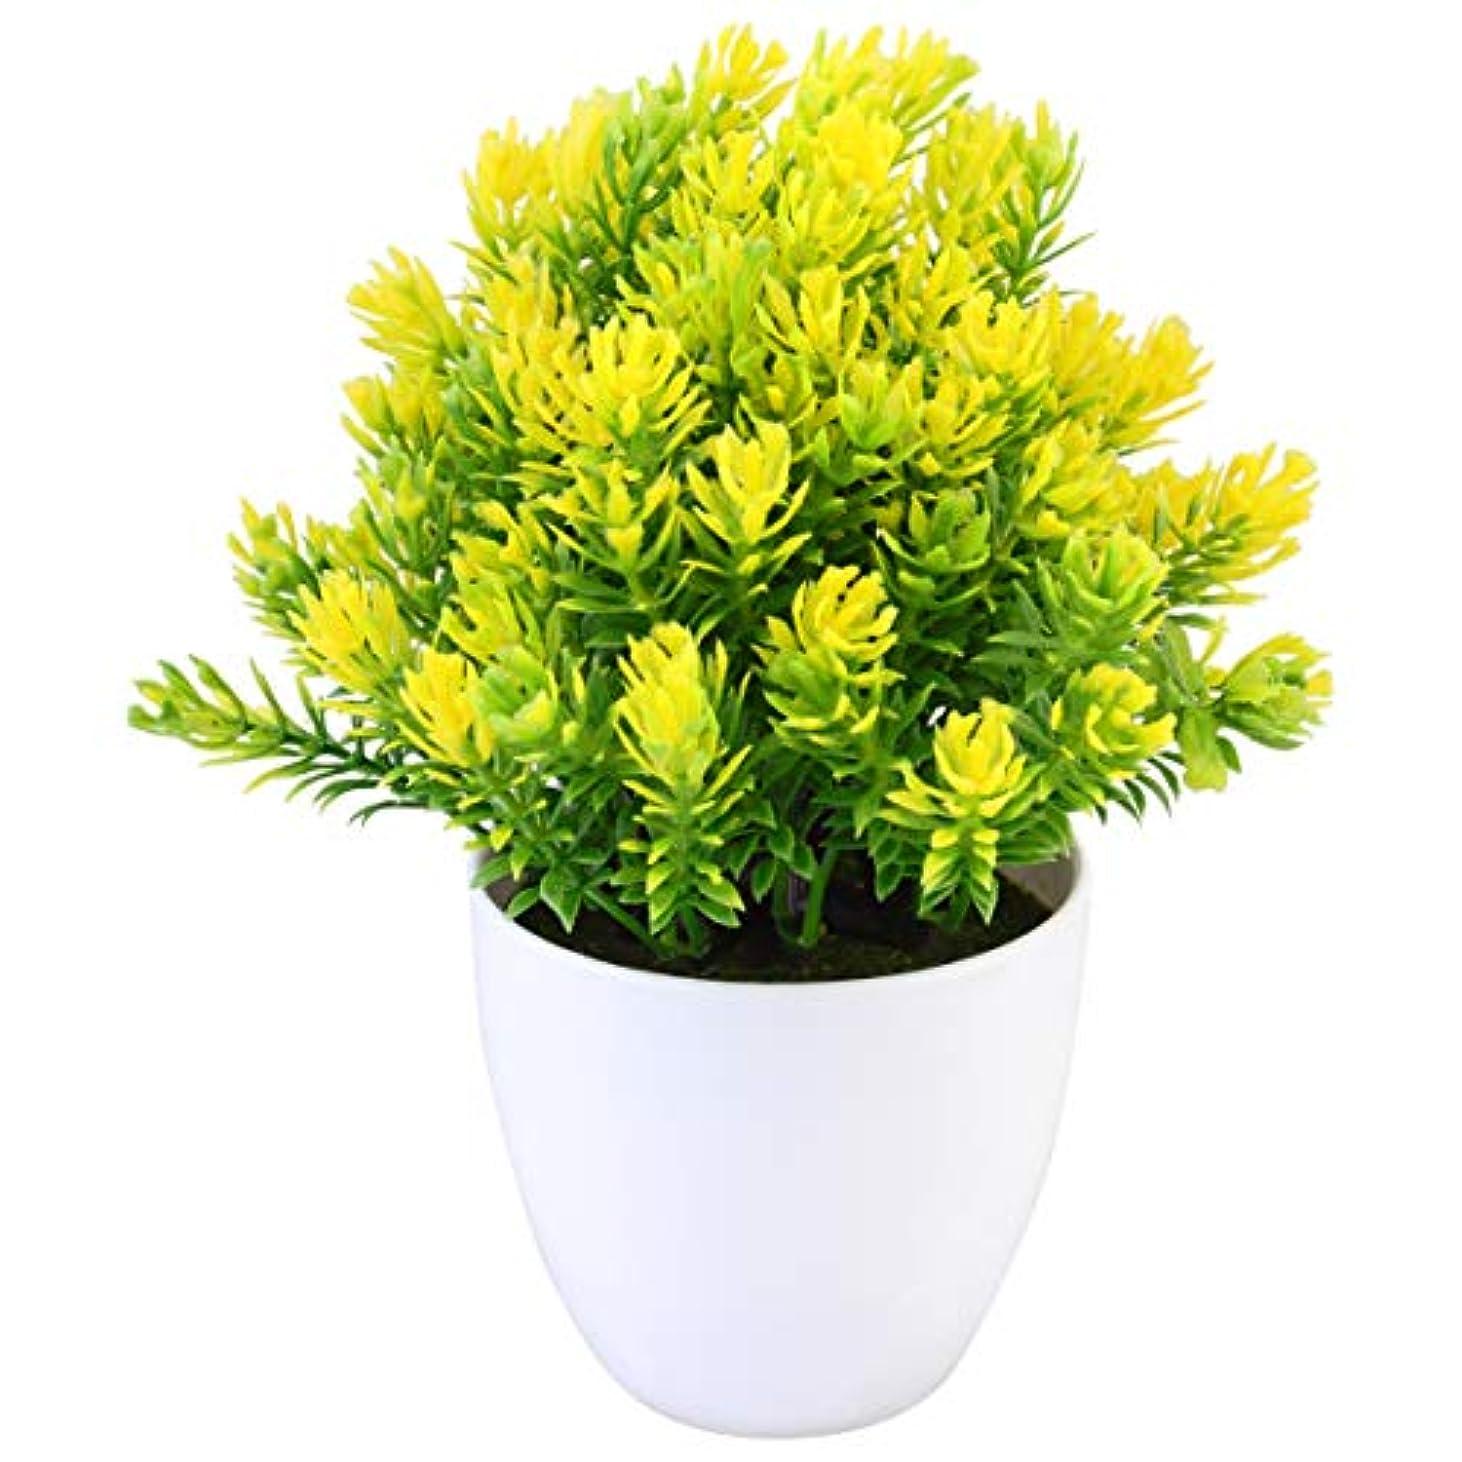 納屋失敗汚染されたOUNONA 人工観葉植物 フェイクグリーン 観葉植物 フェイク 造花 鉢植え 枯れない 室内 ホーム 庭 装飾 可愛い贈り物(C)